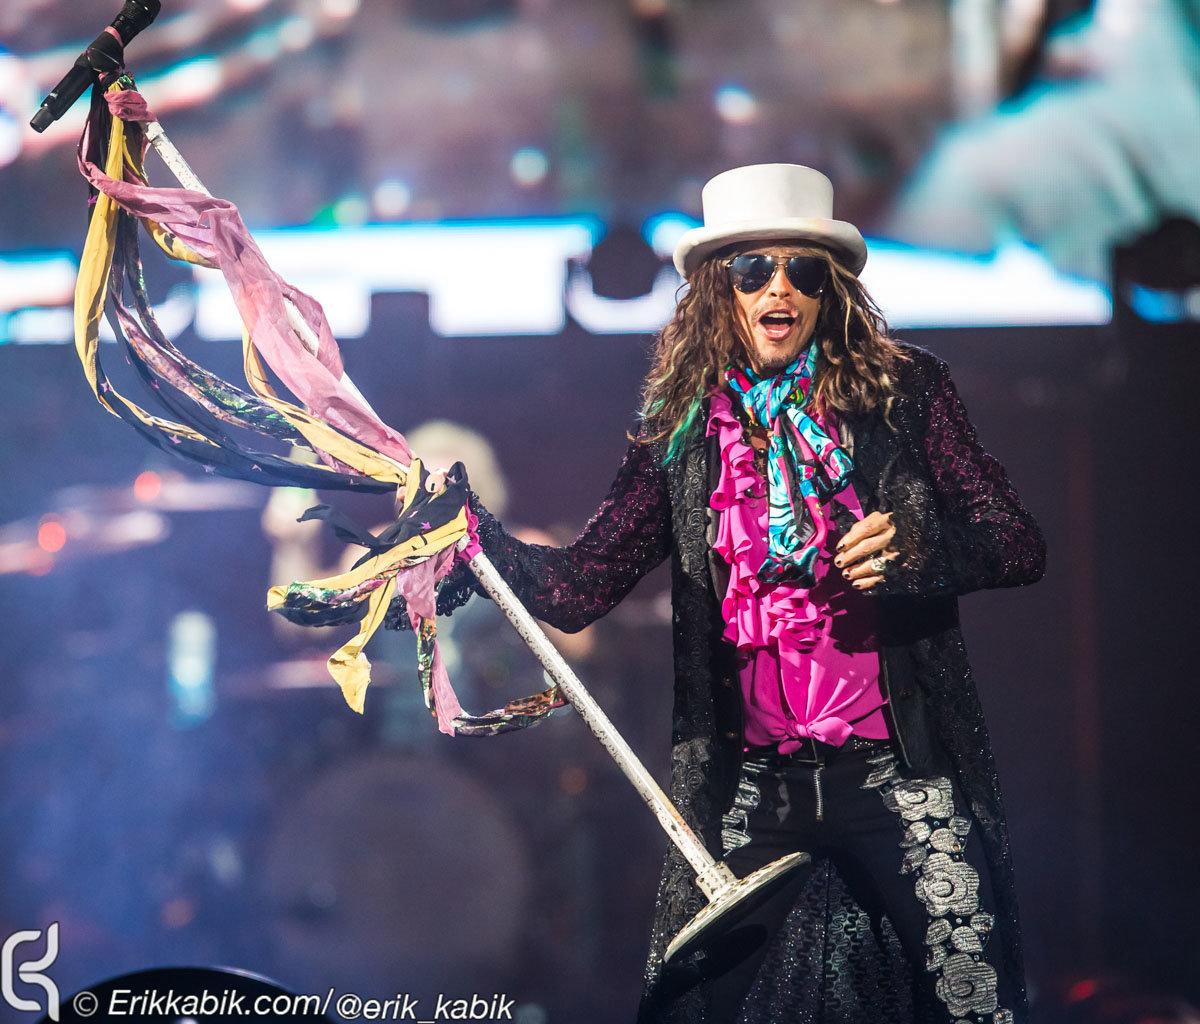 08_01_15_Aerosmith_MGM_kabik-15.jpg